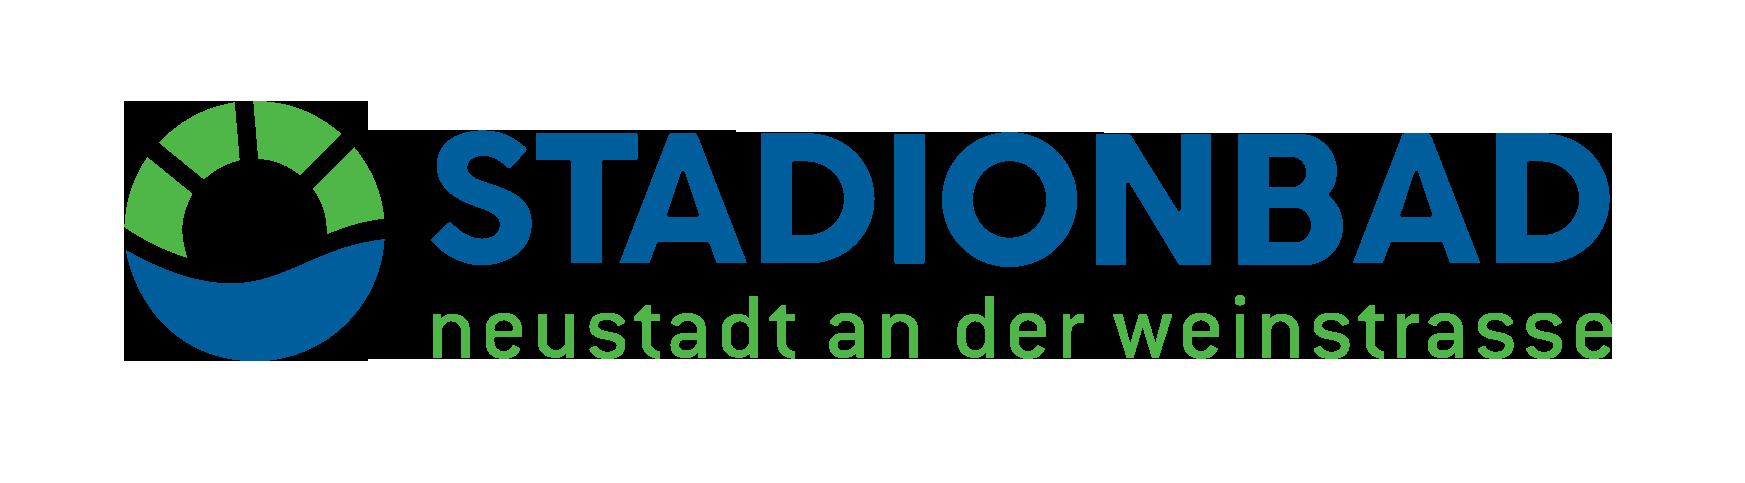 Stadionbad Neustadt an der Weinstraße GmbH